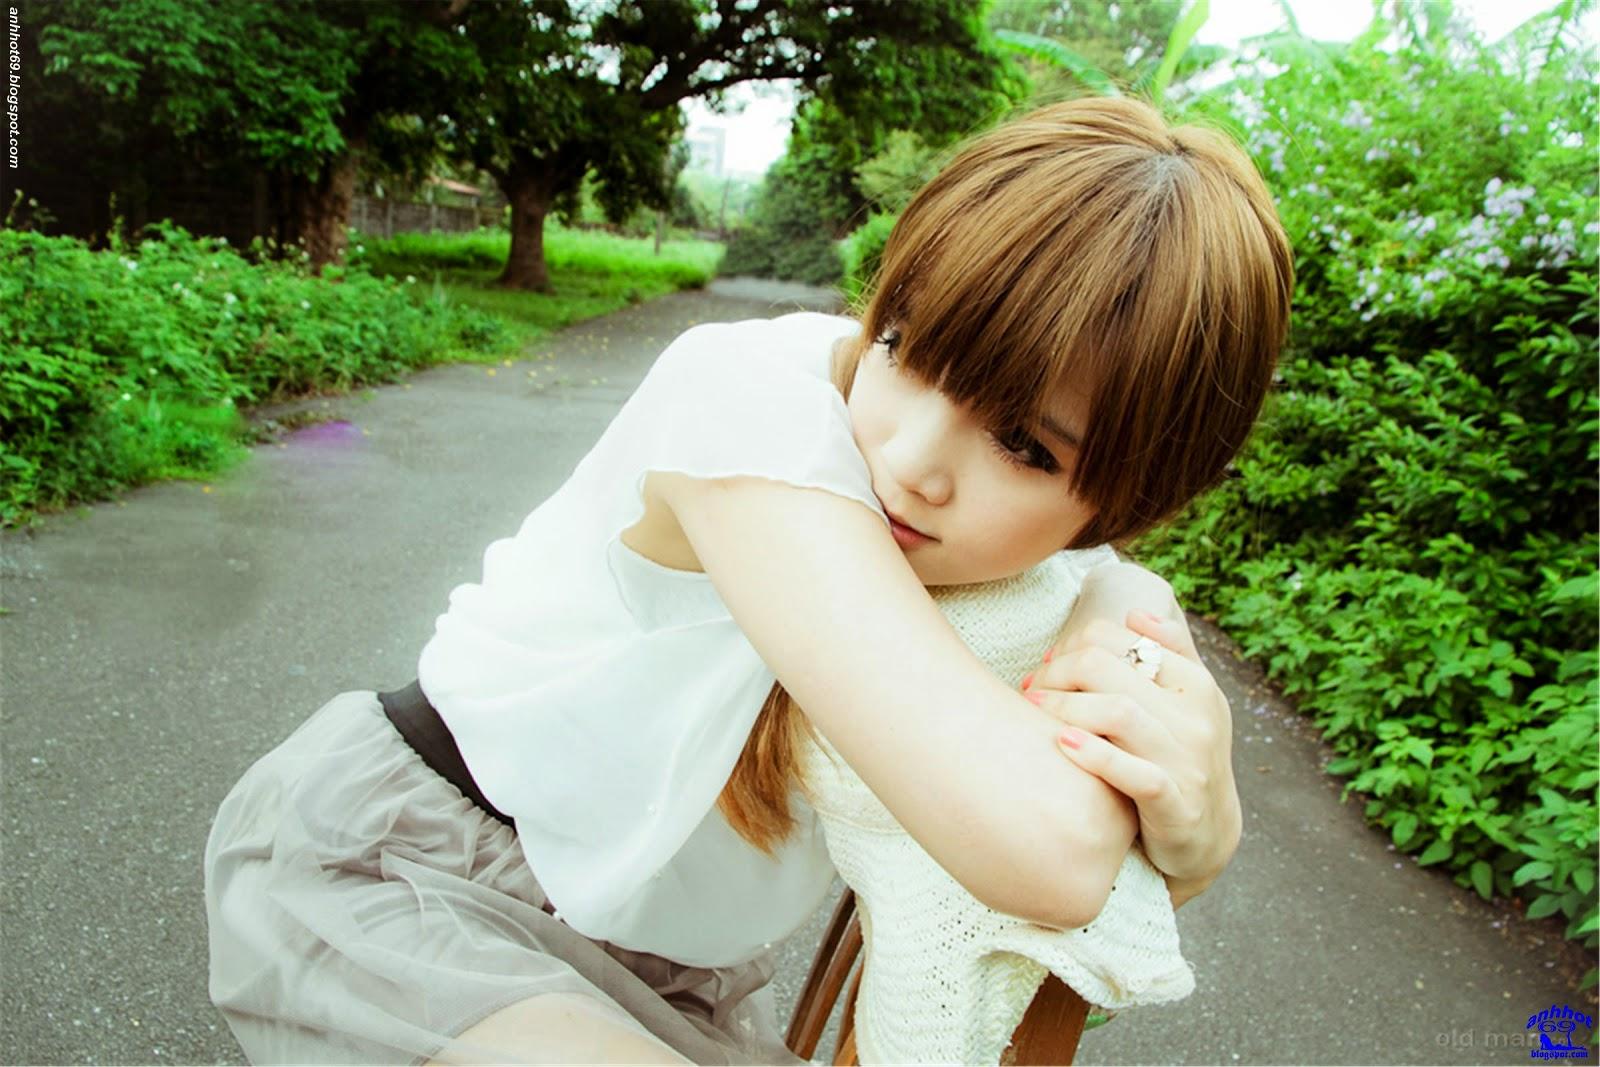 Sugar Girl-1505062350